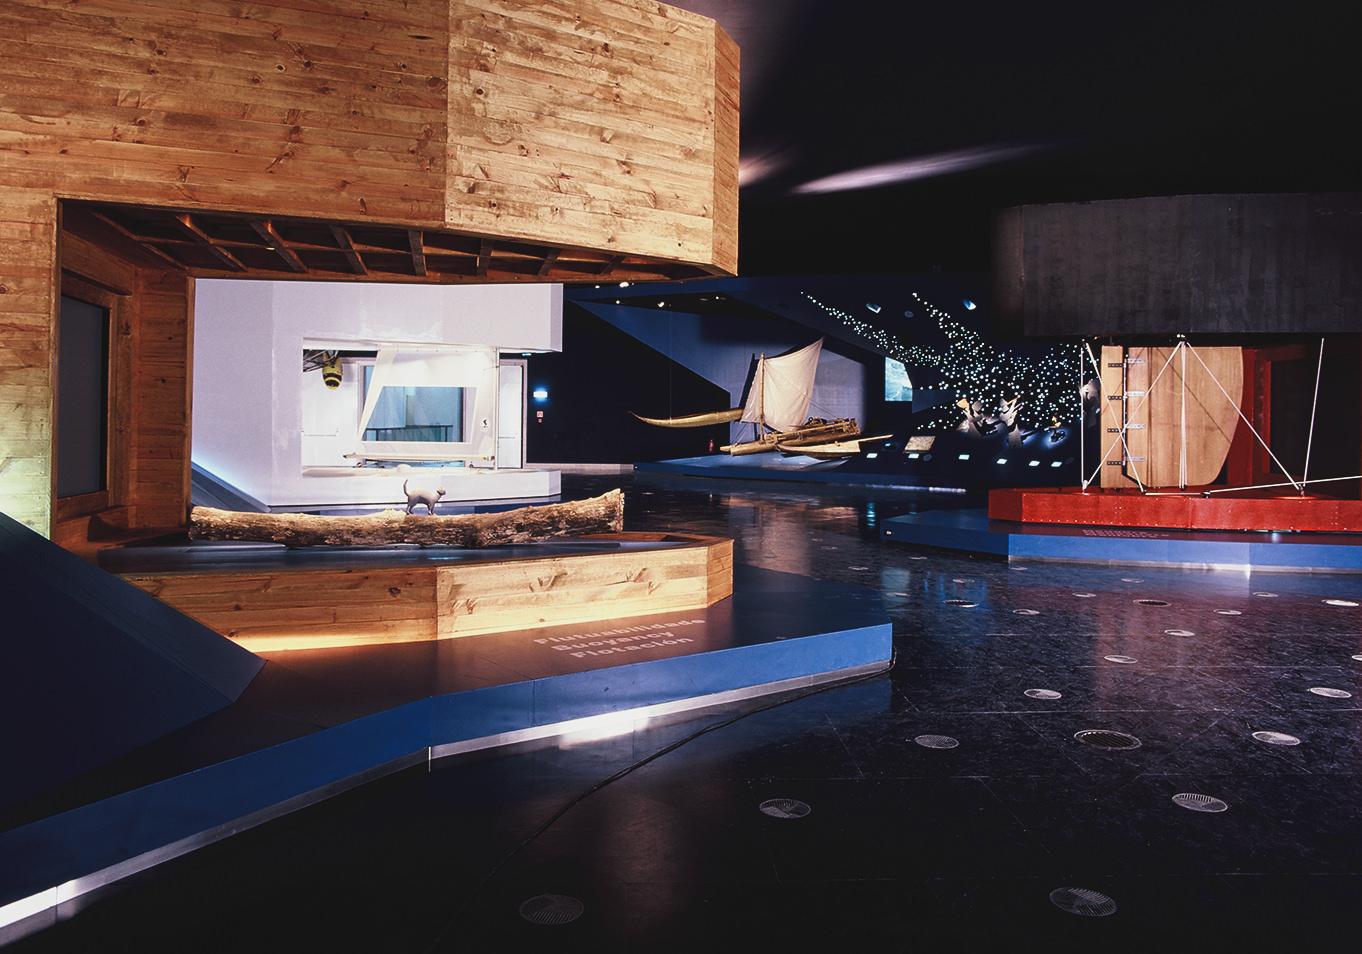 Pavilhão do Conhecimento dos Mares - Expo 98